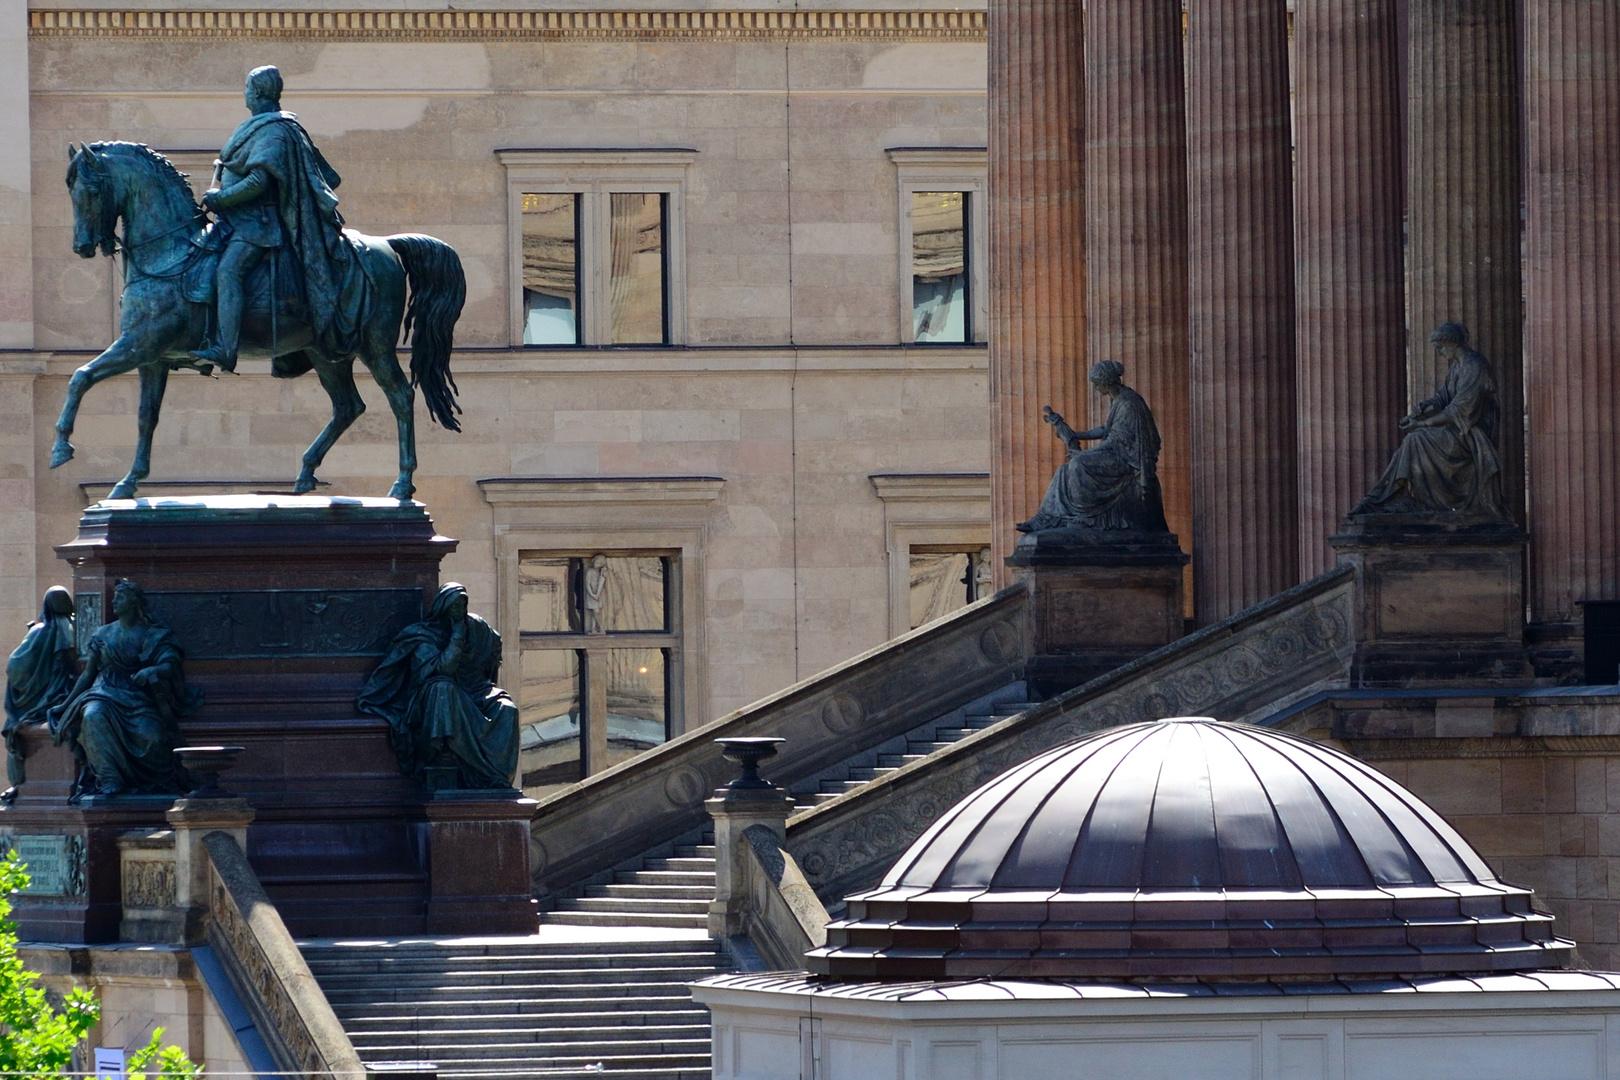 Aufgang zur Alten Nationalgalerie